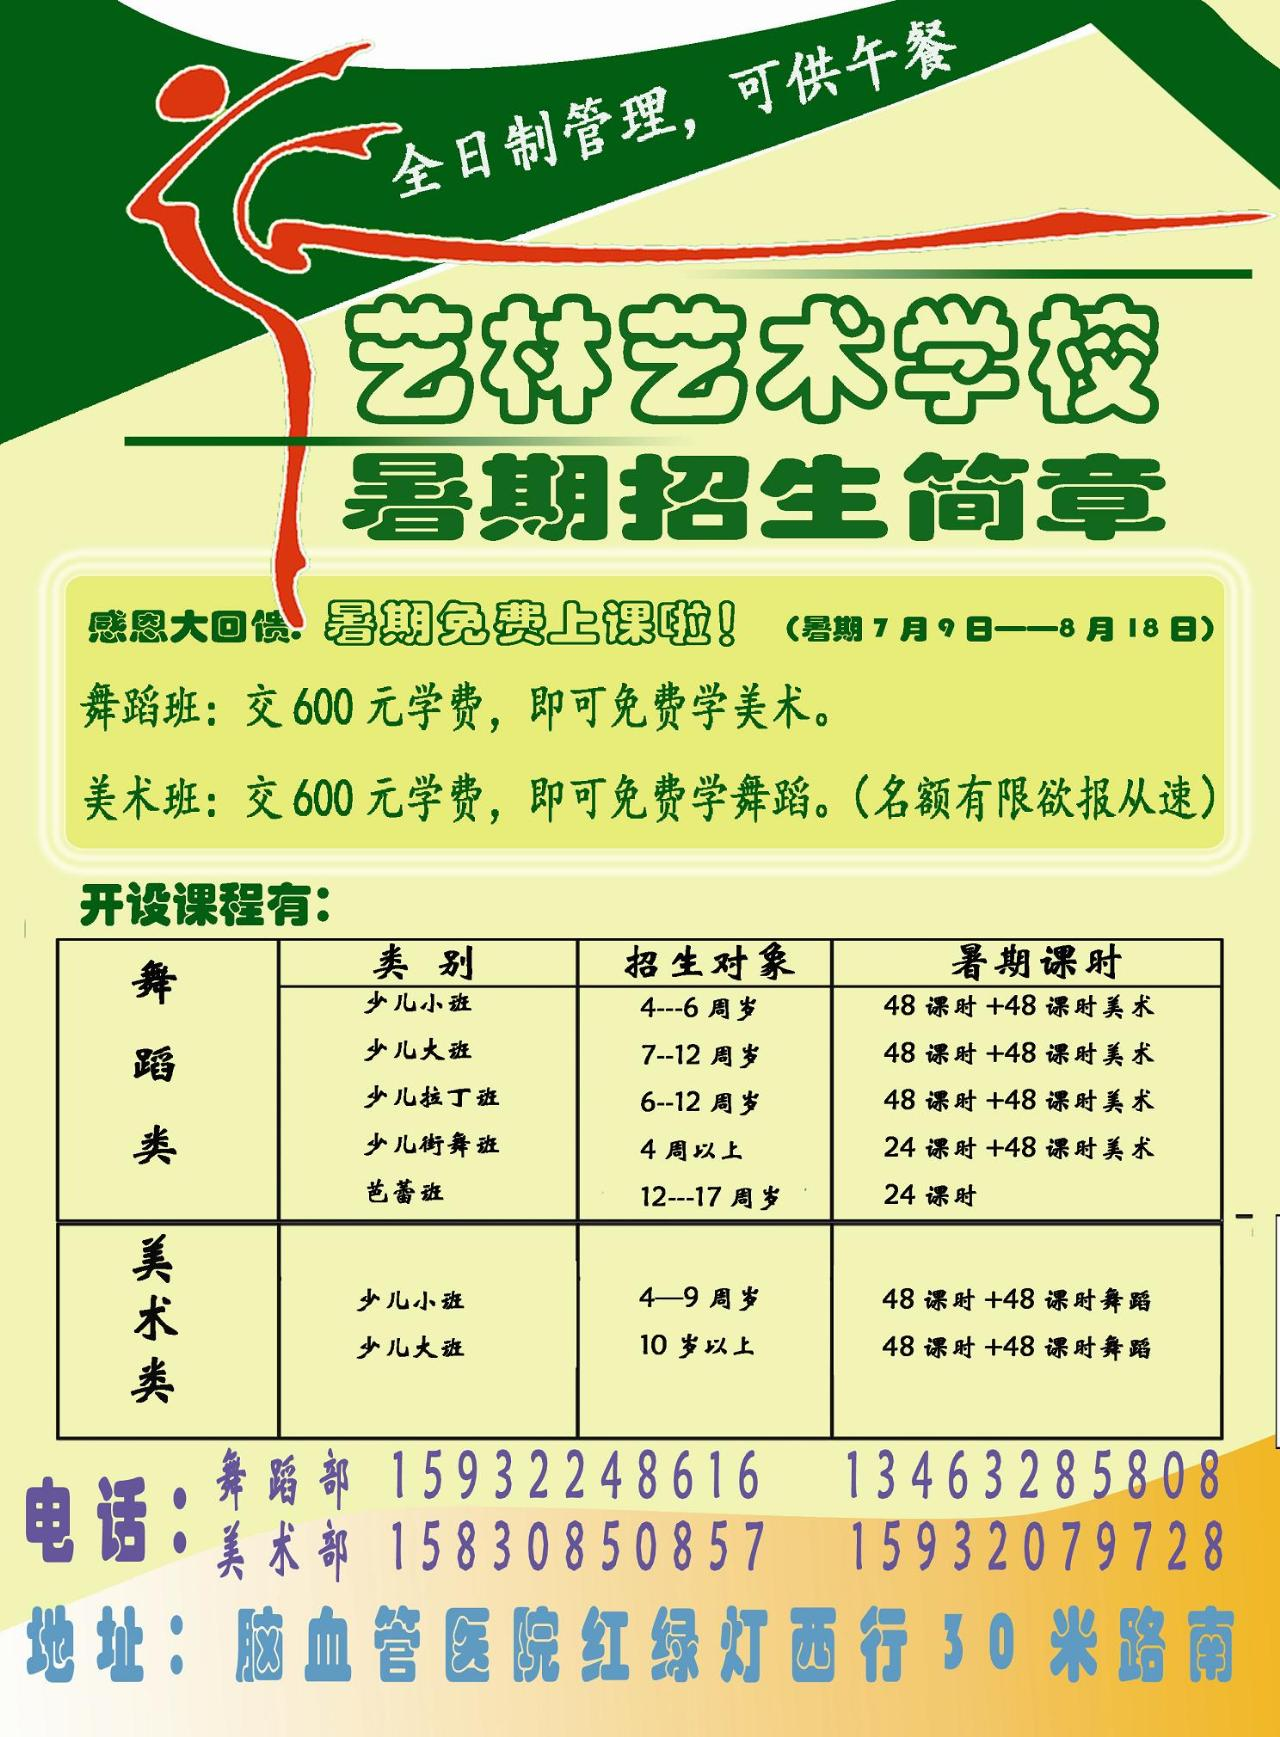 藝林藝術學校暑期招生